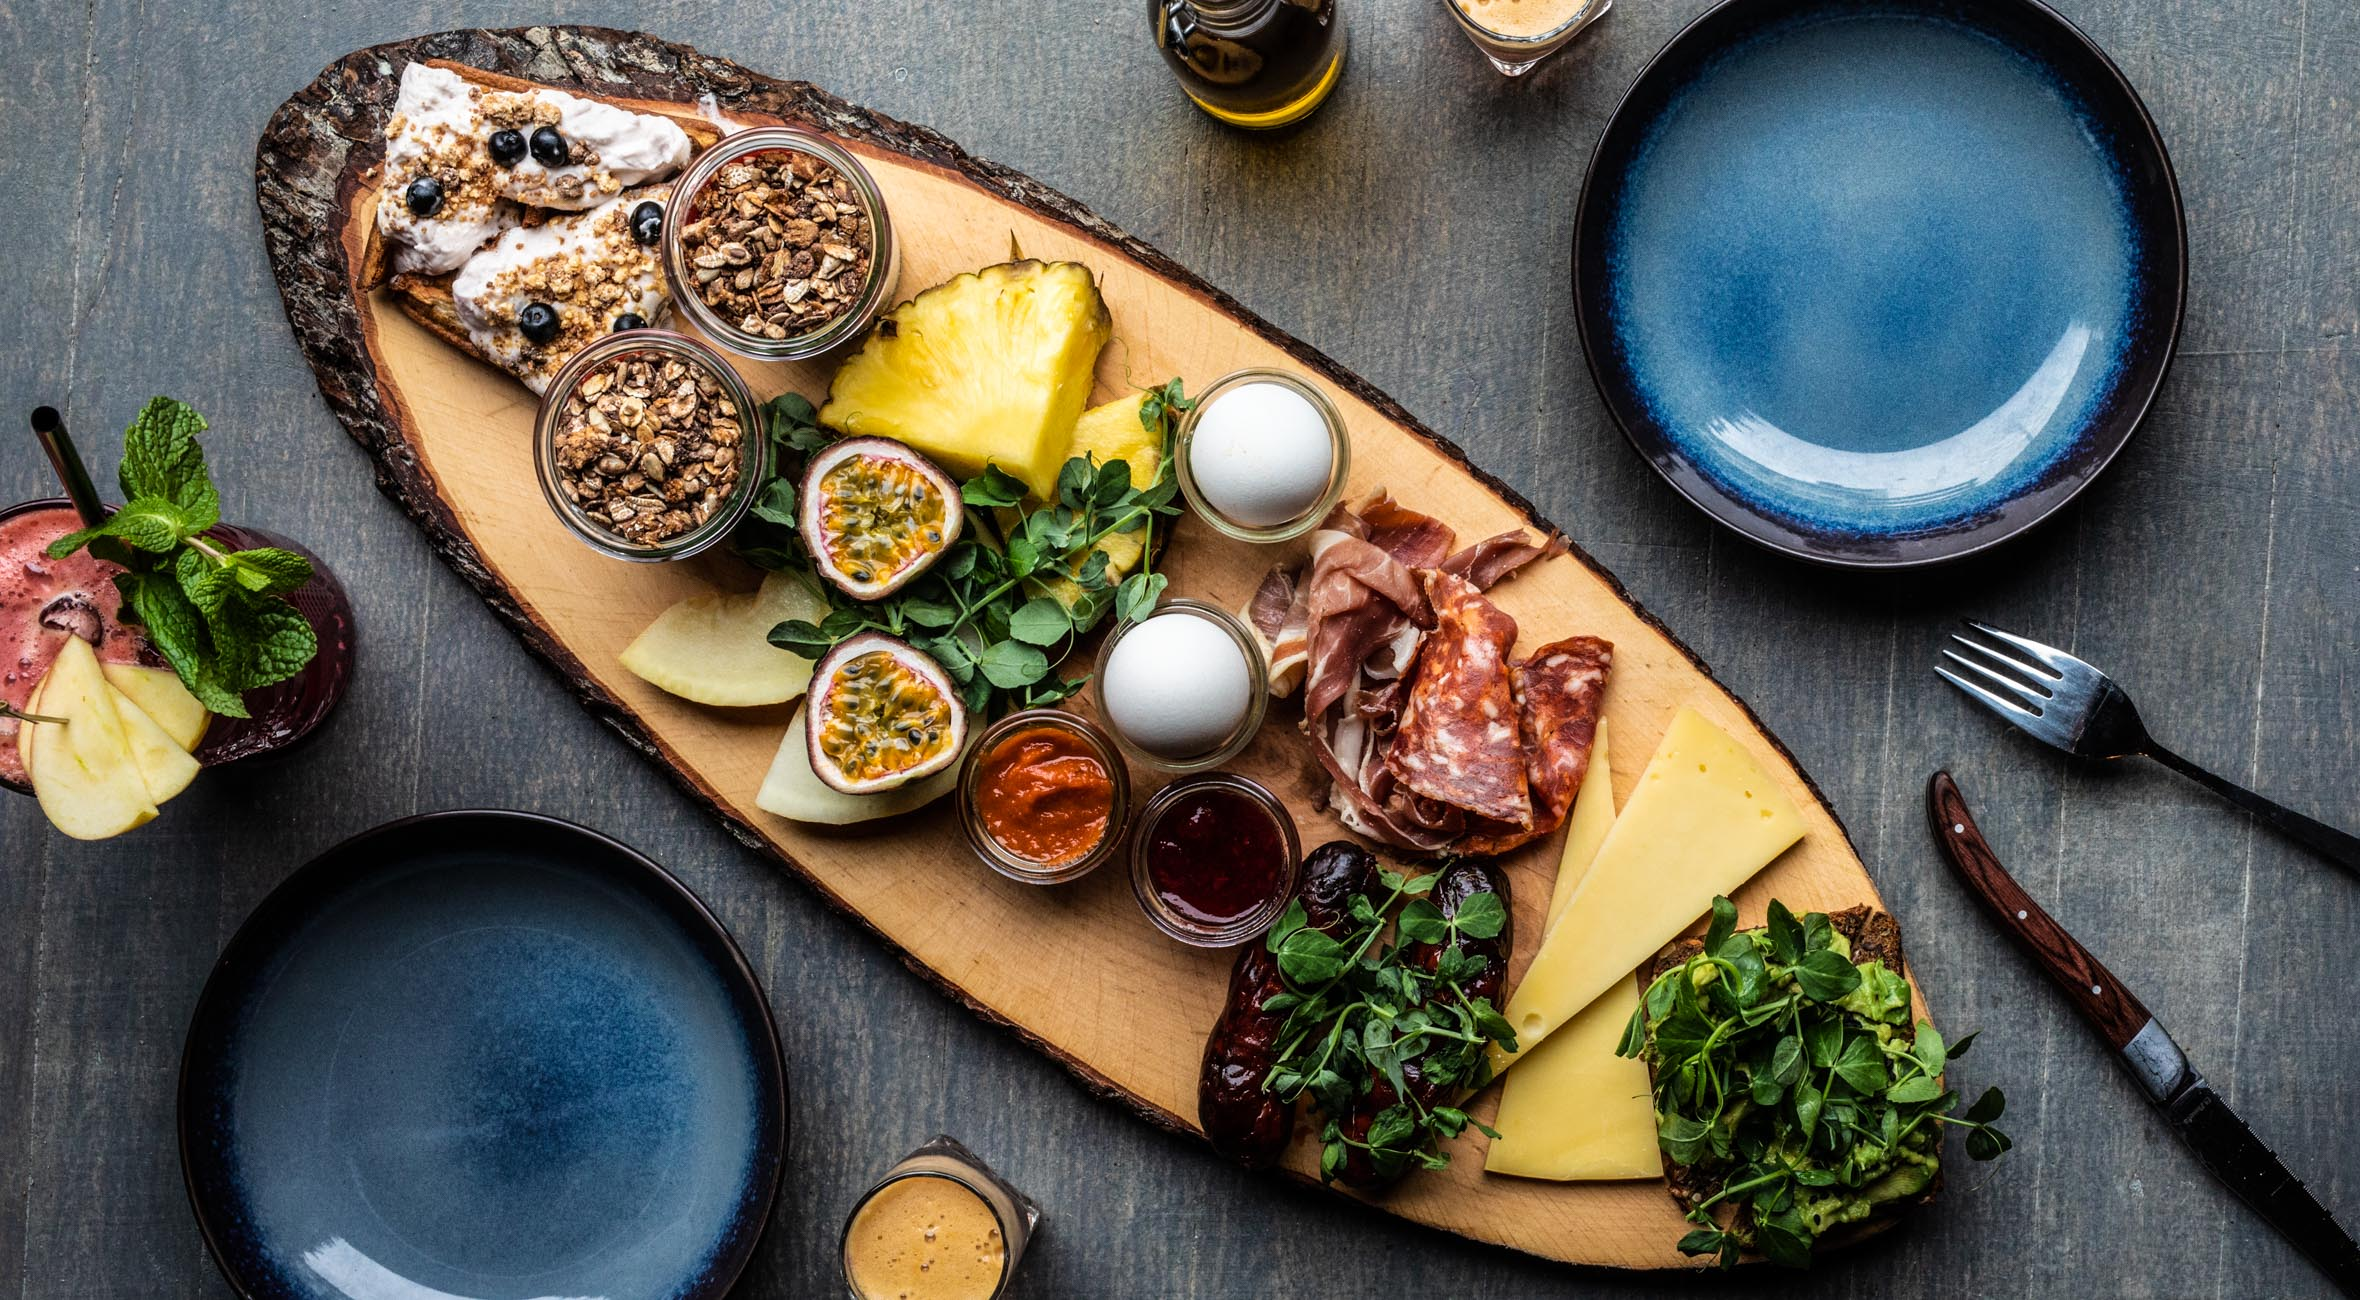 Brunch for 2 personer hos Spise/bar15 – Populær Nørrebro-restaurant udvider til Frederiksberg